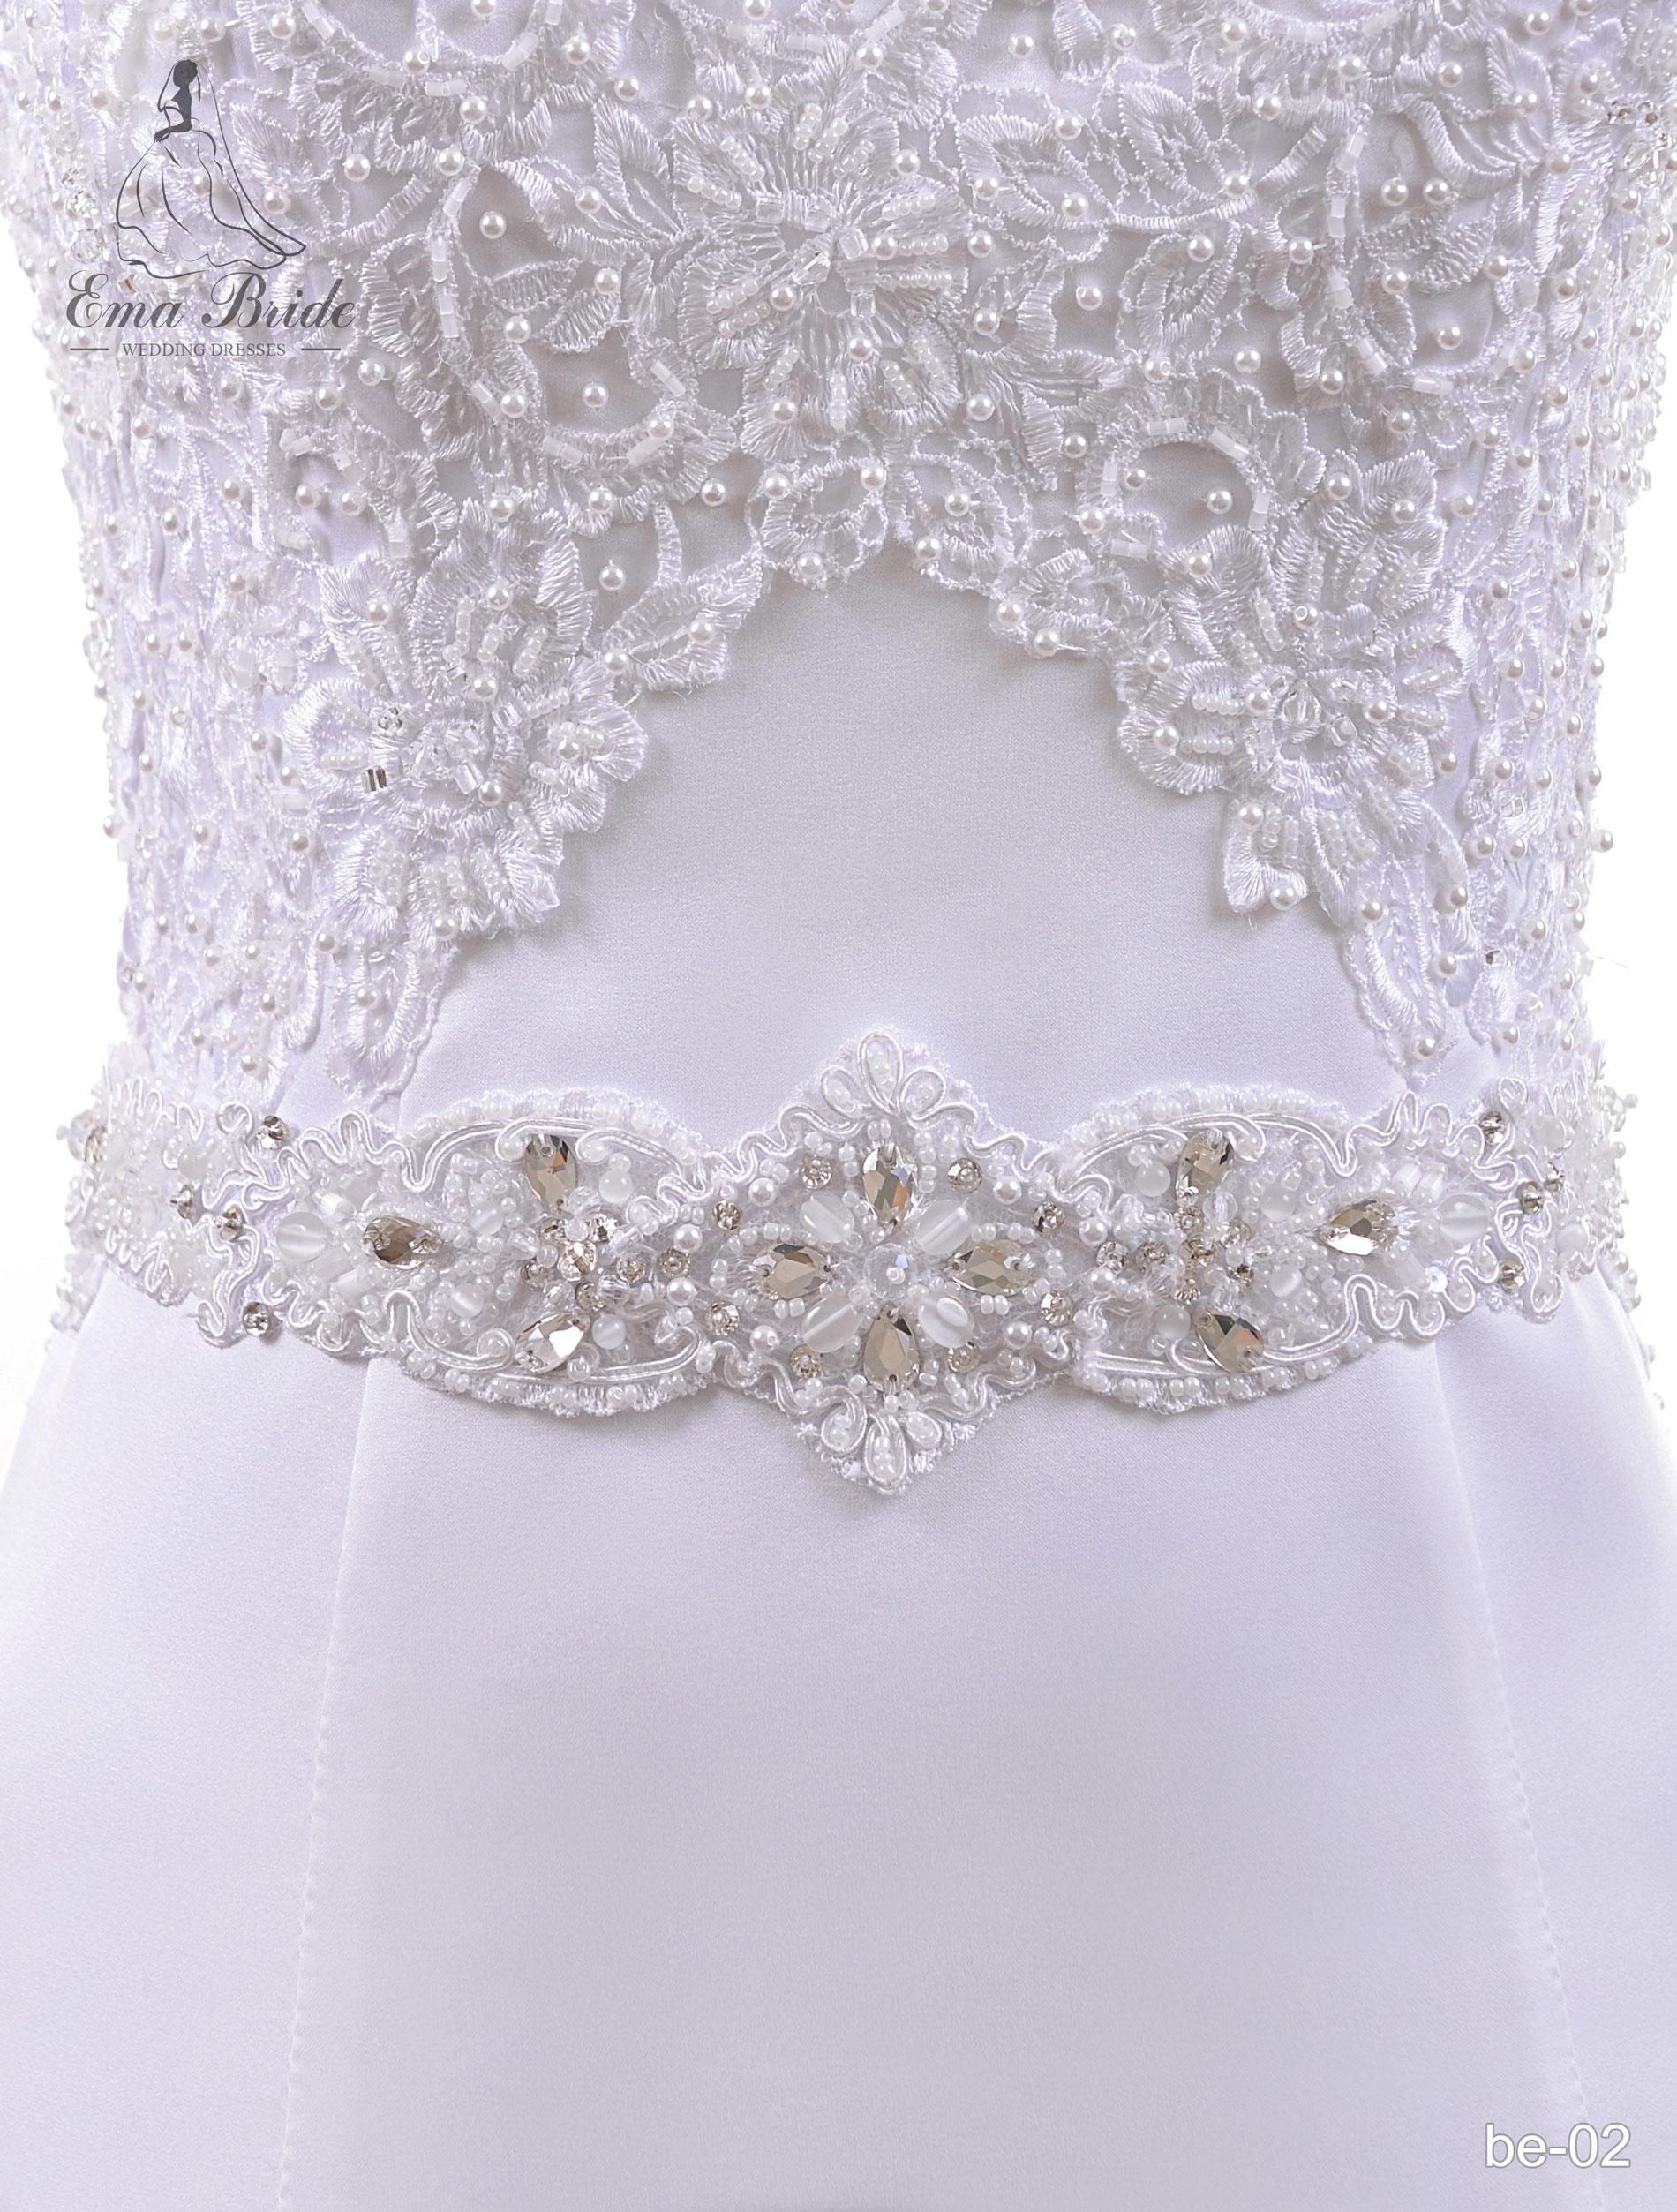 A belt for a wedding dress Be-02